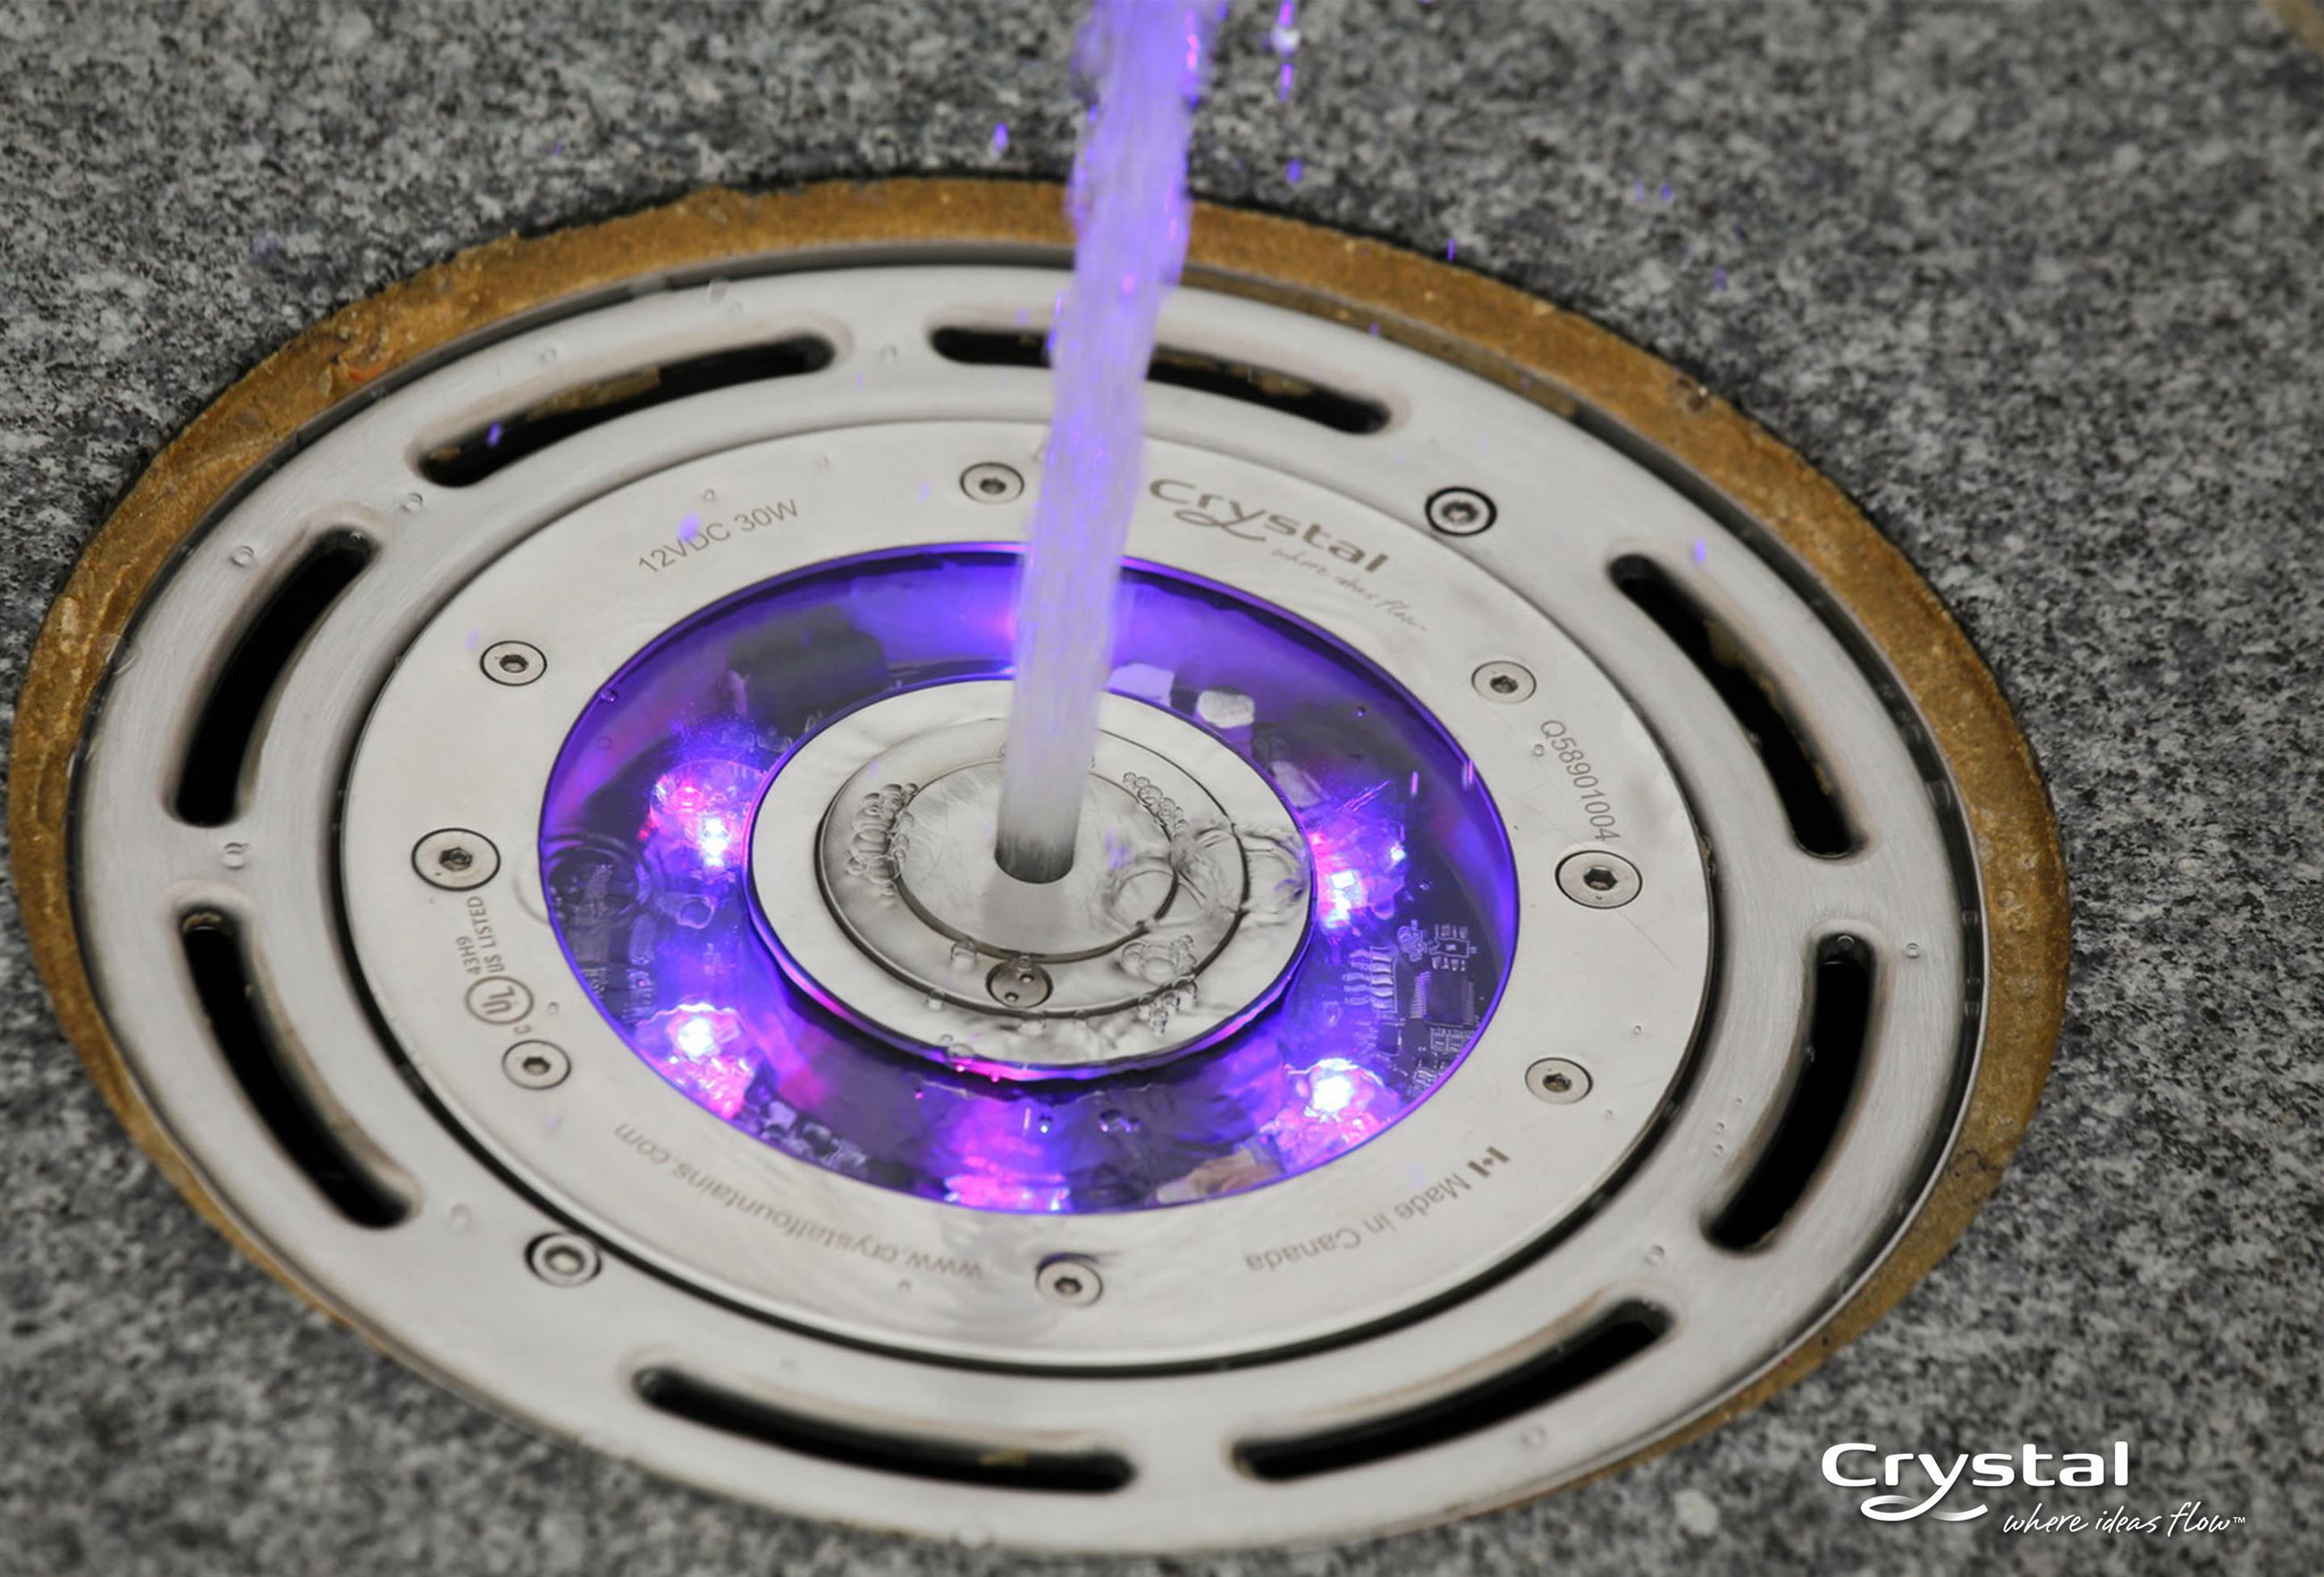 Projecteurs à LED pour mise en valeur des effets d'eau